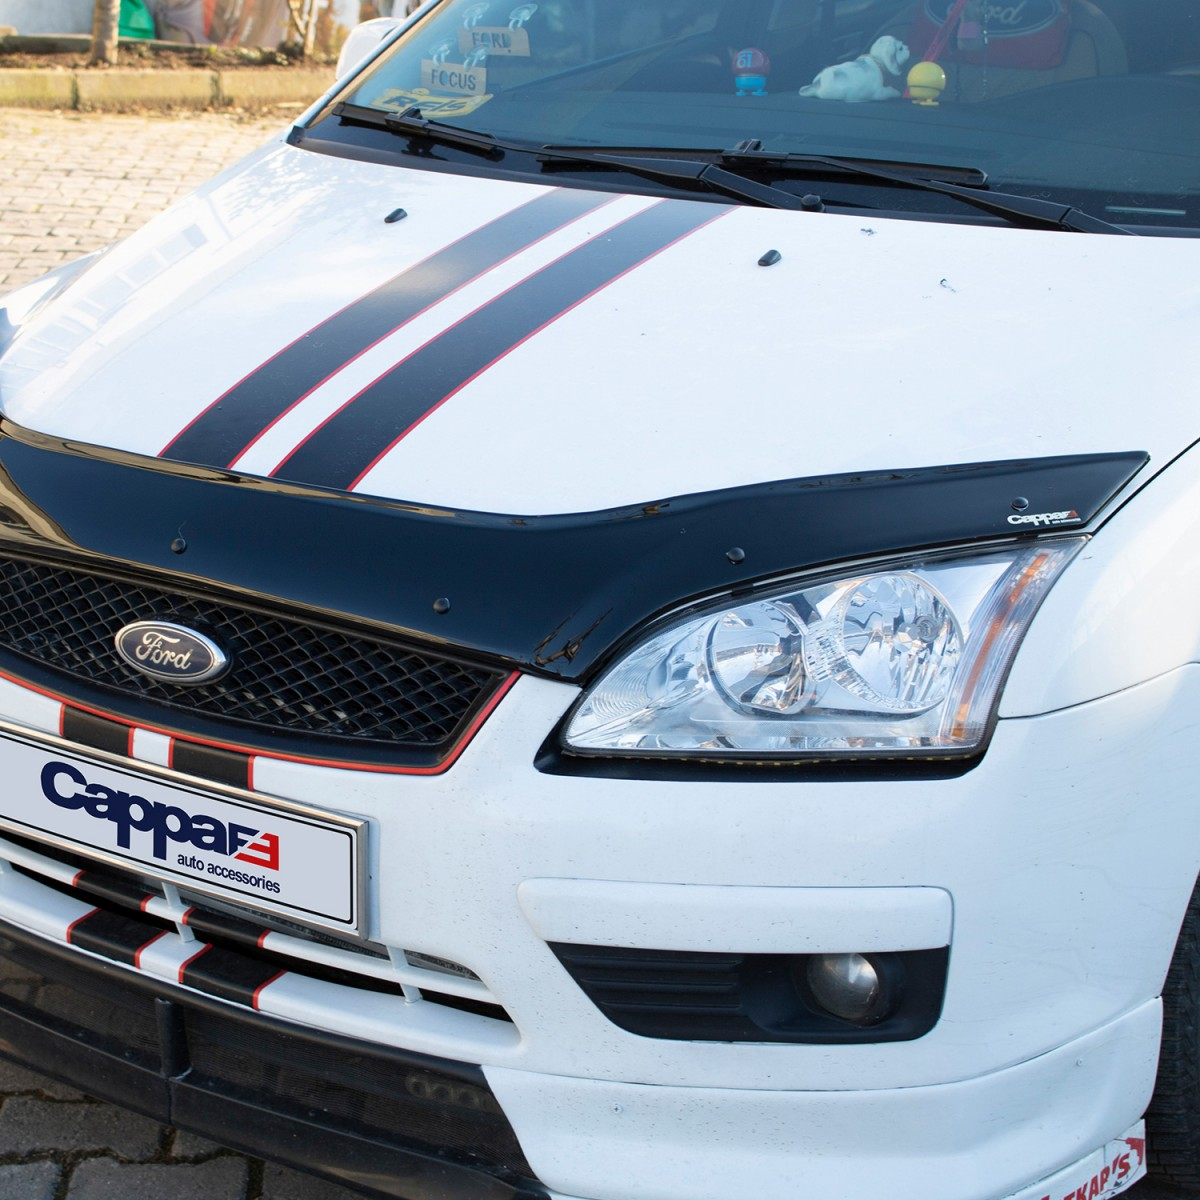 Ford Focus Ön Kaput Koruyucu Rüzgarlığı 2005-2008 Yılı Arası